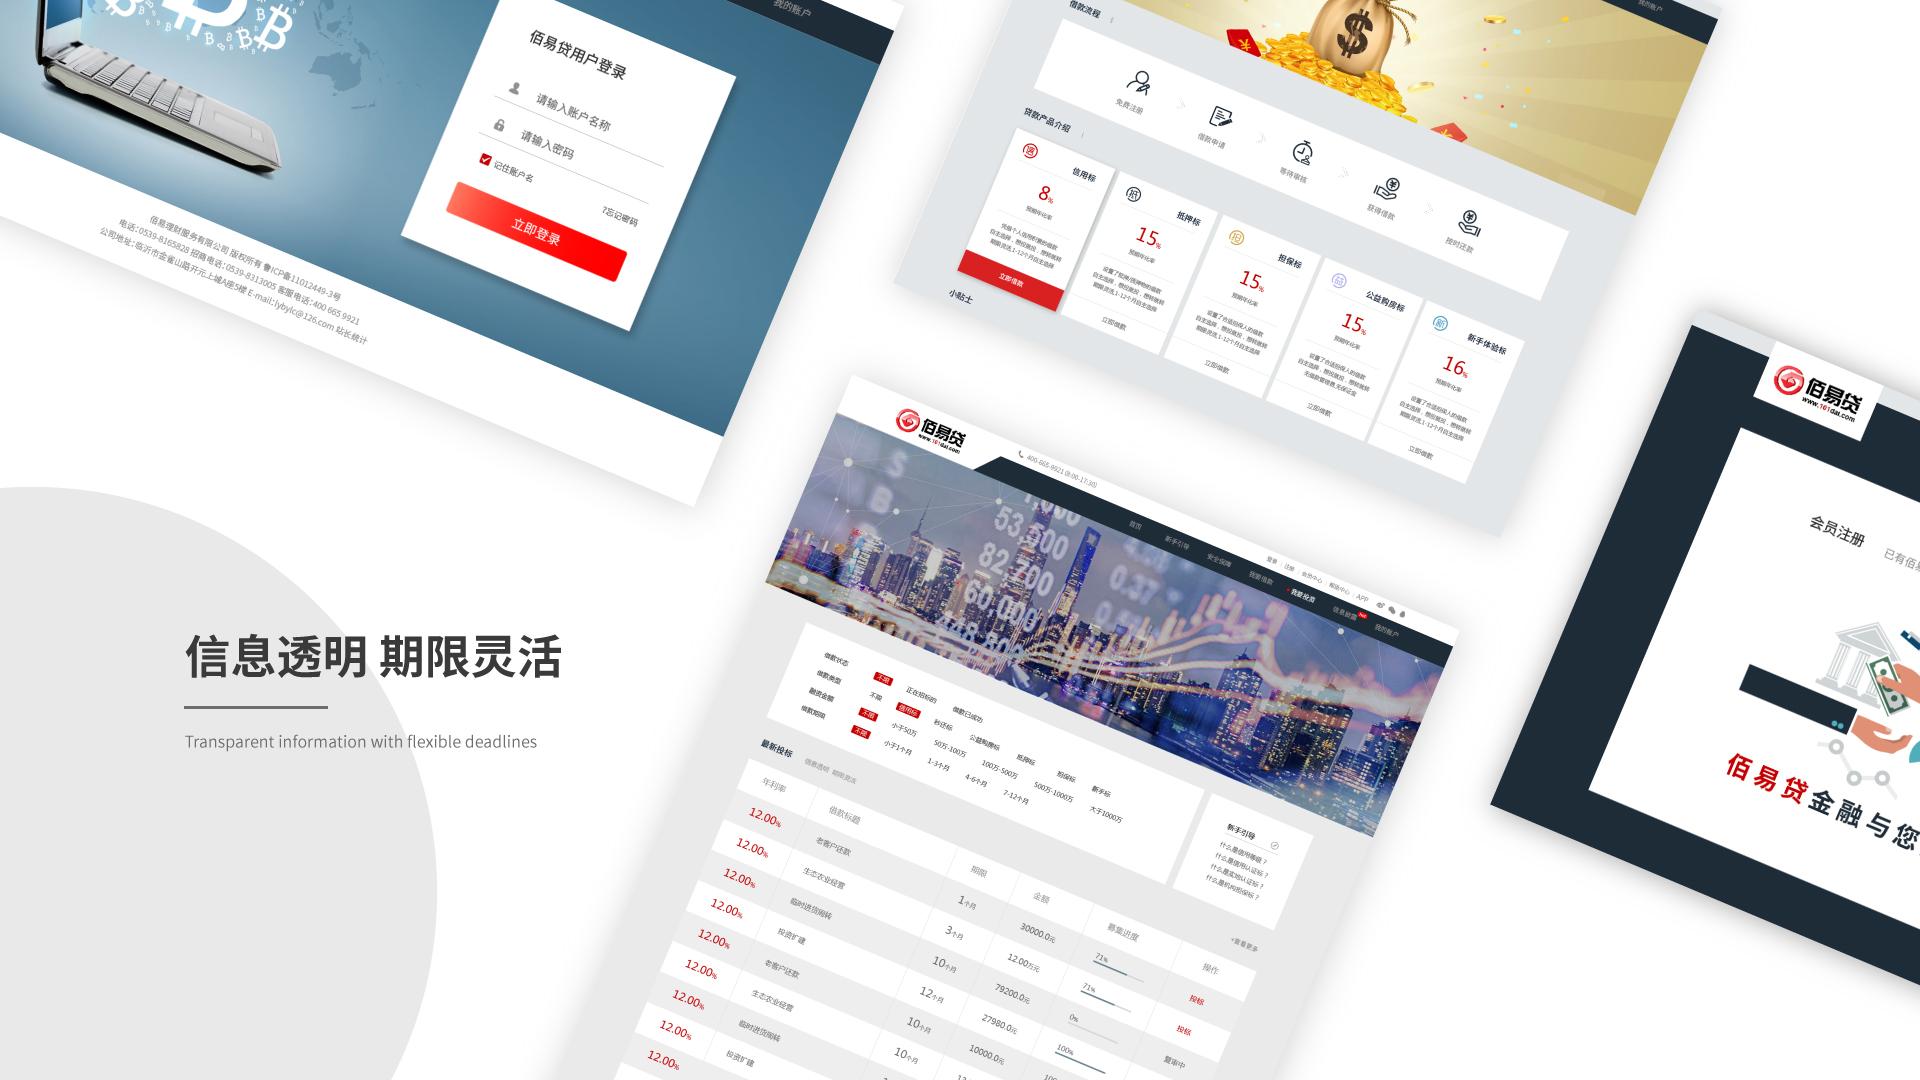 佰易理财网站UI设计